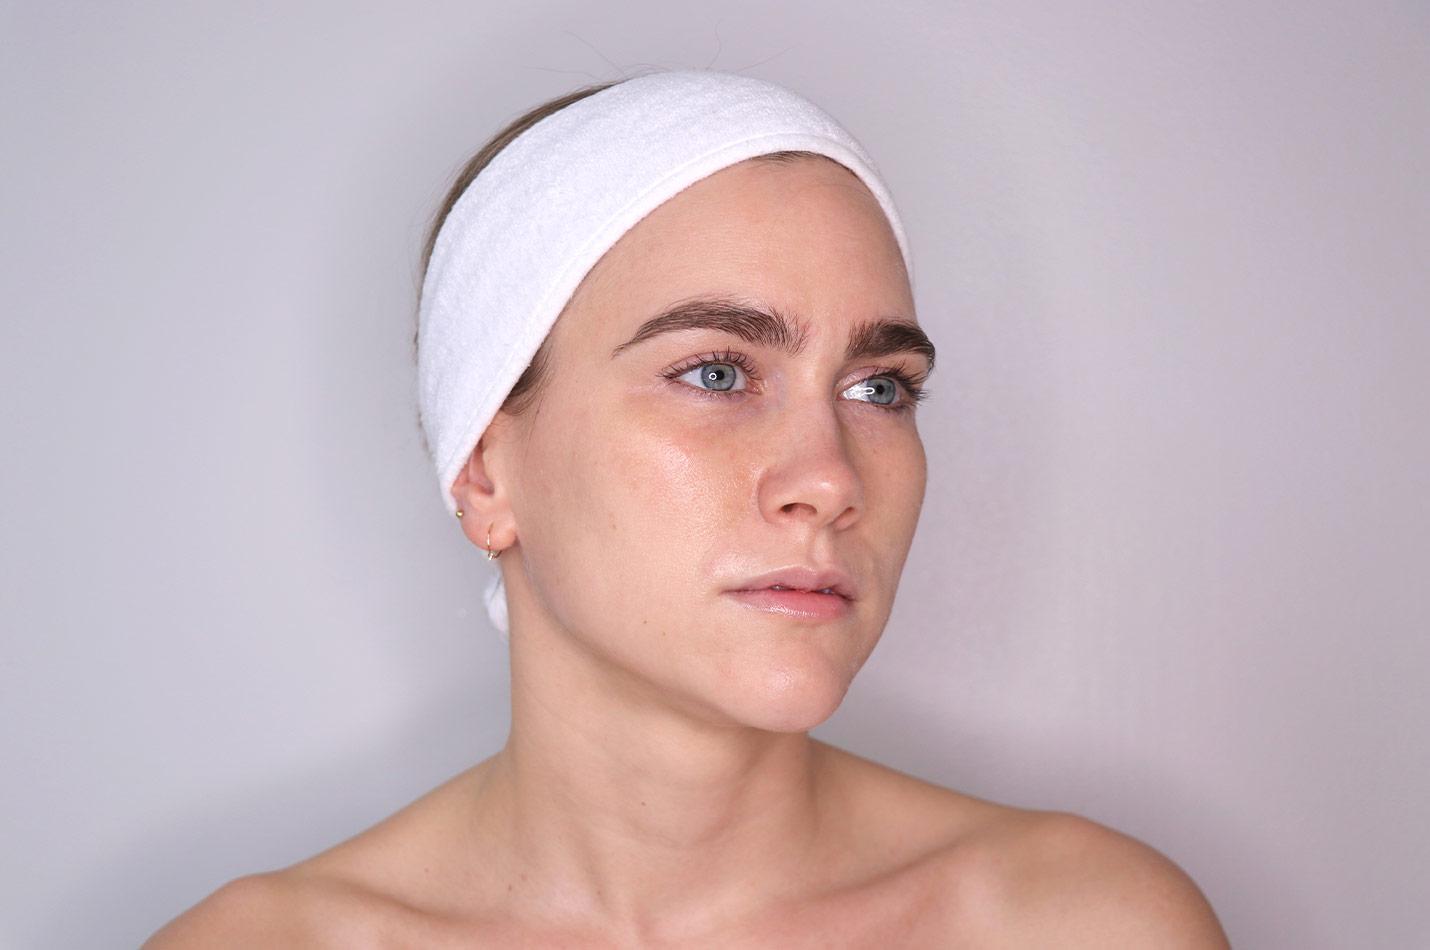 Ren och fin hud efter ansiktsmask